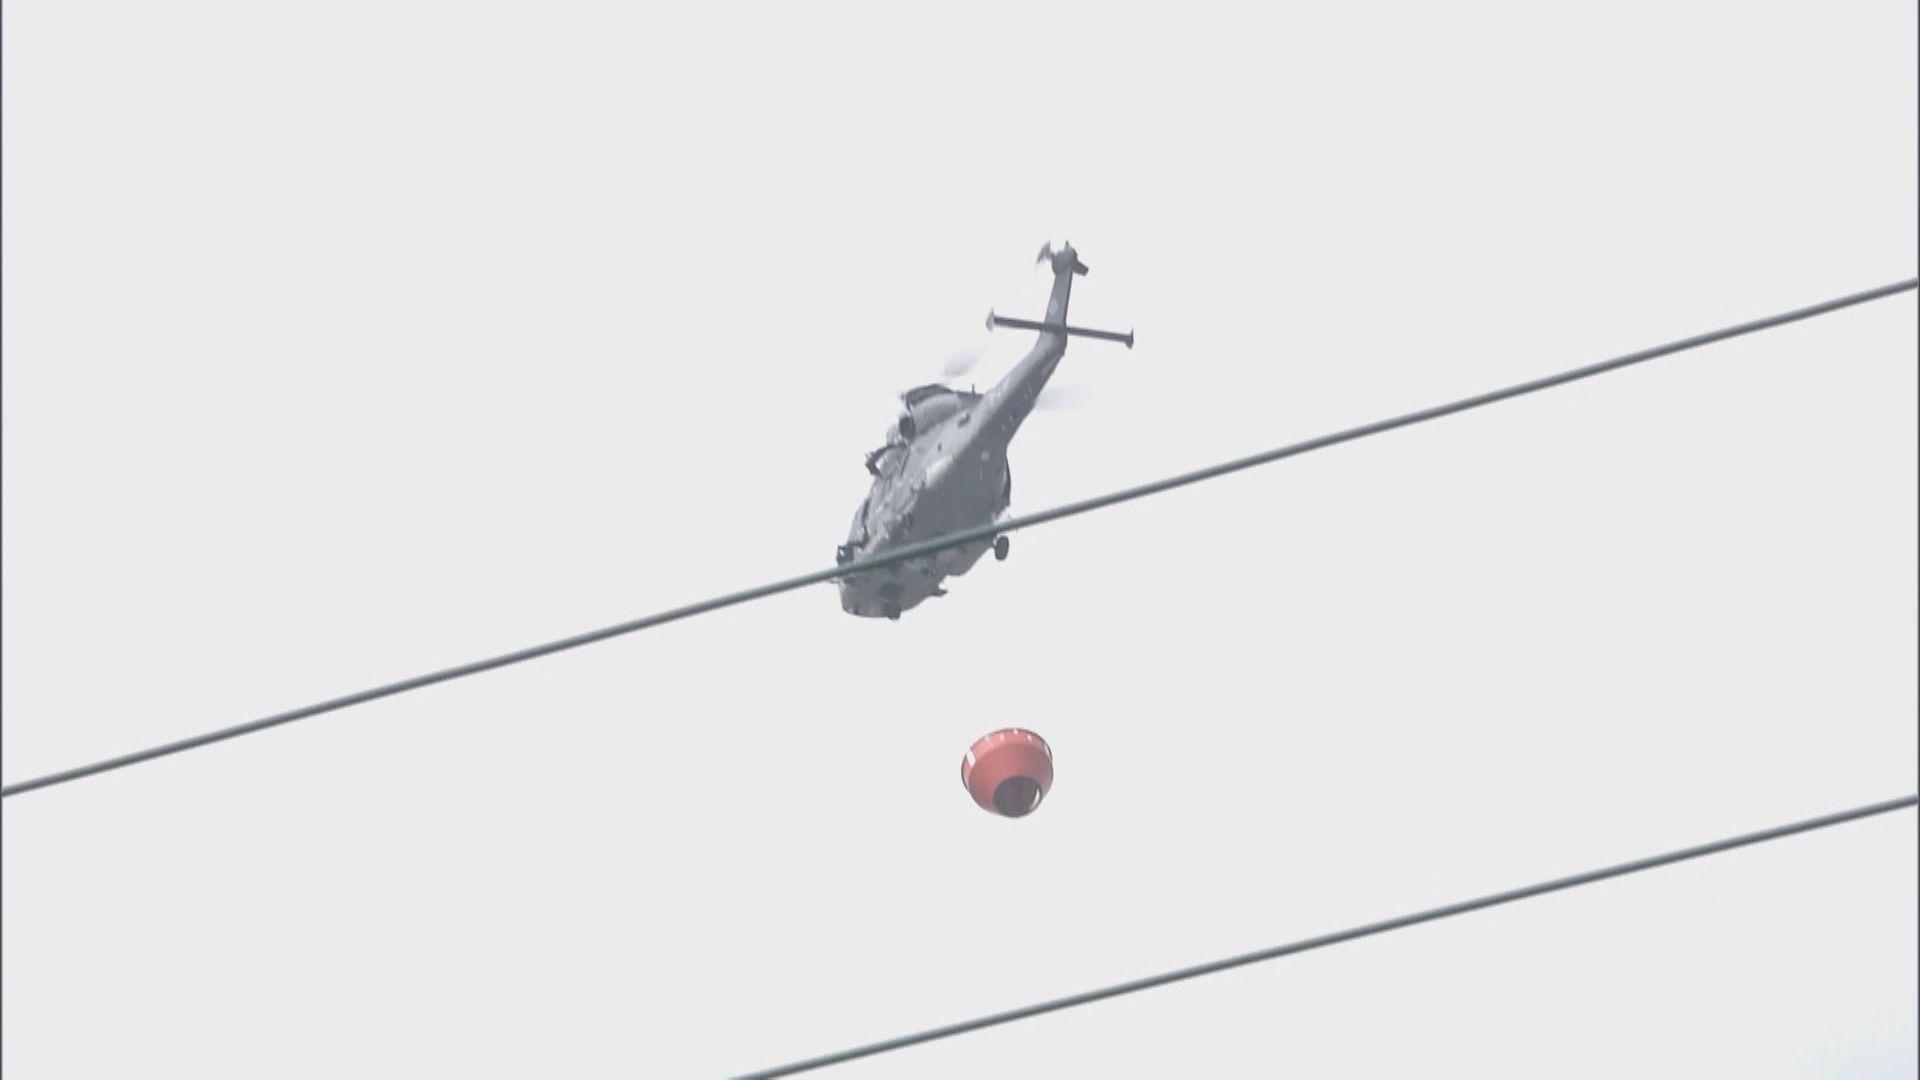 八鄉錦河路叢林起火 飛行服務隊直升機擲水彈灌救